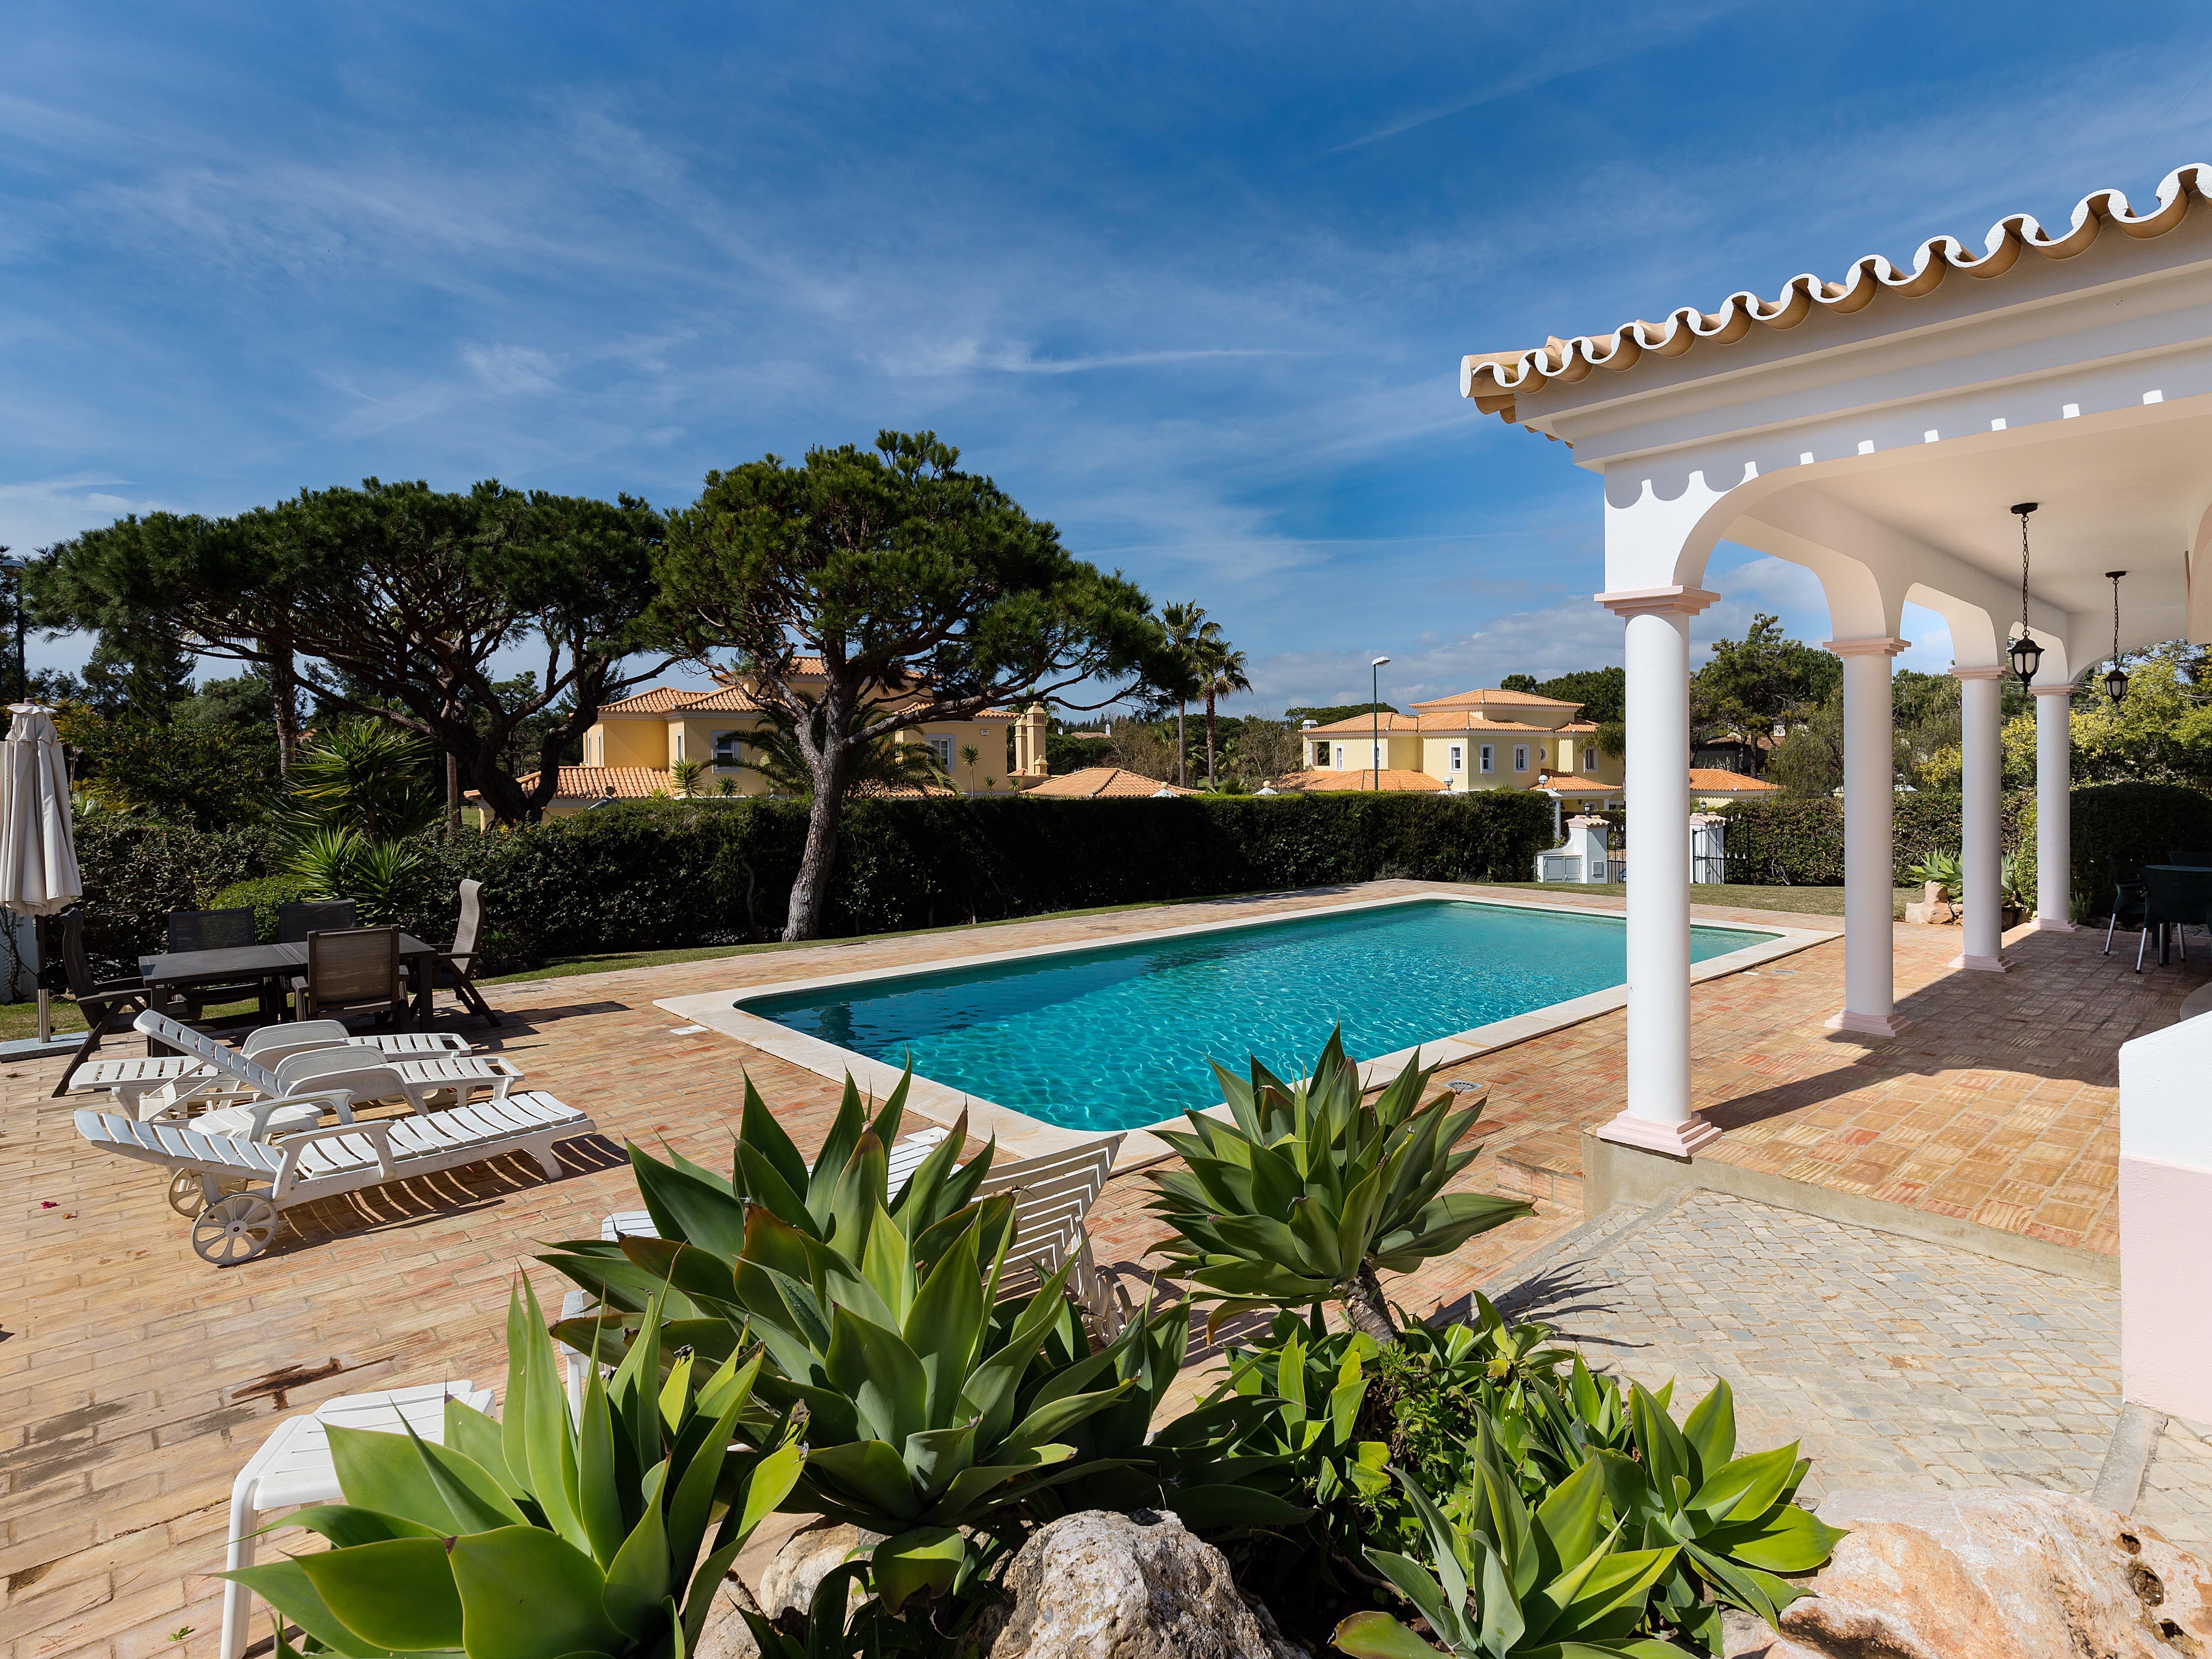 Einfamilienhaus für Verkauf beim Detached house, 3 bedrooms, for Sale Loule, Algarve, Portugal